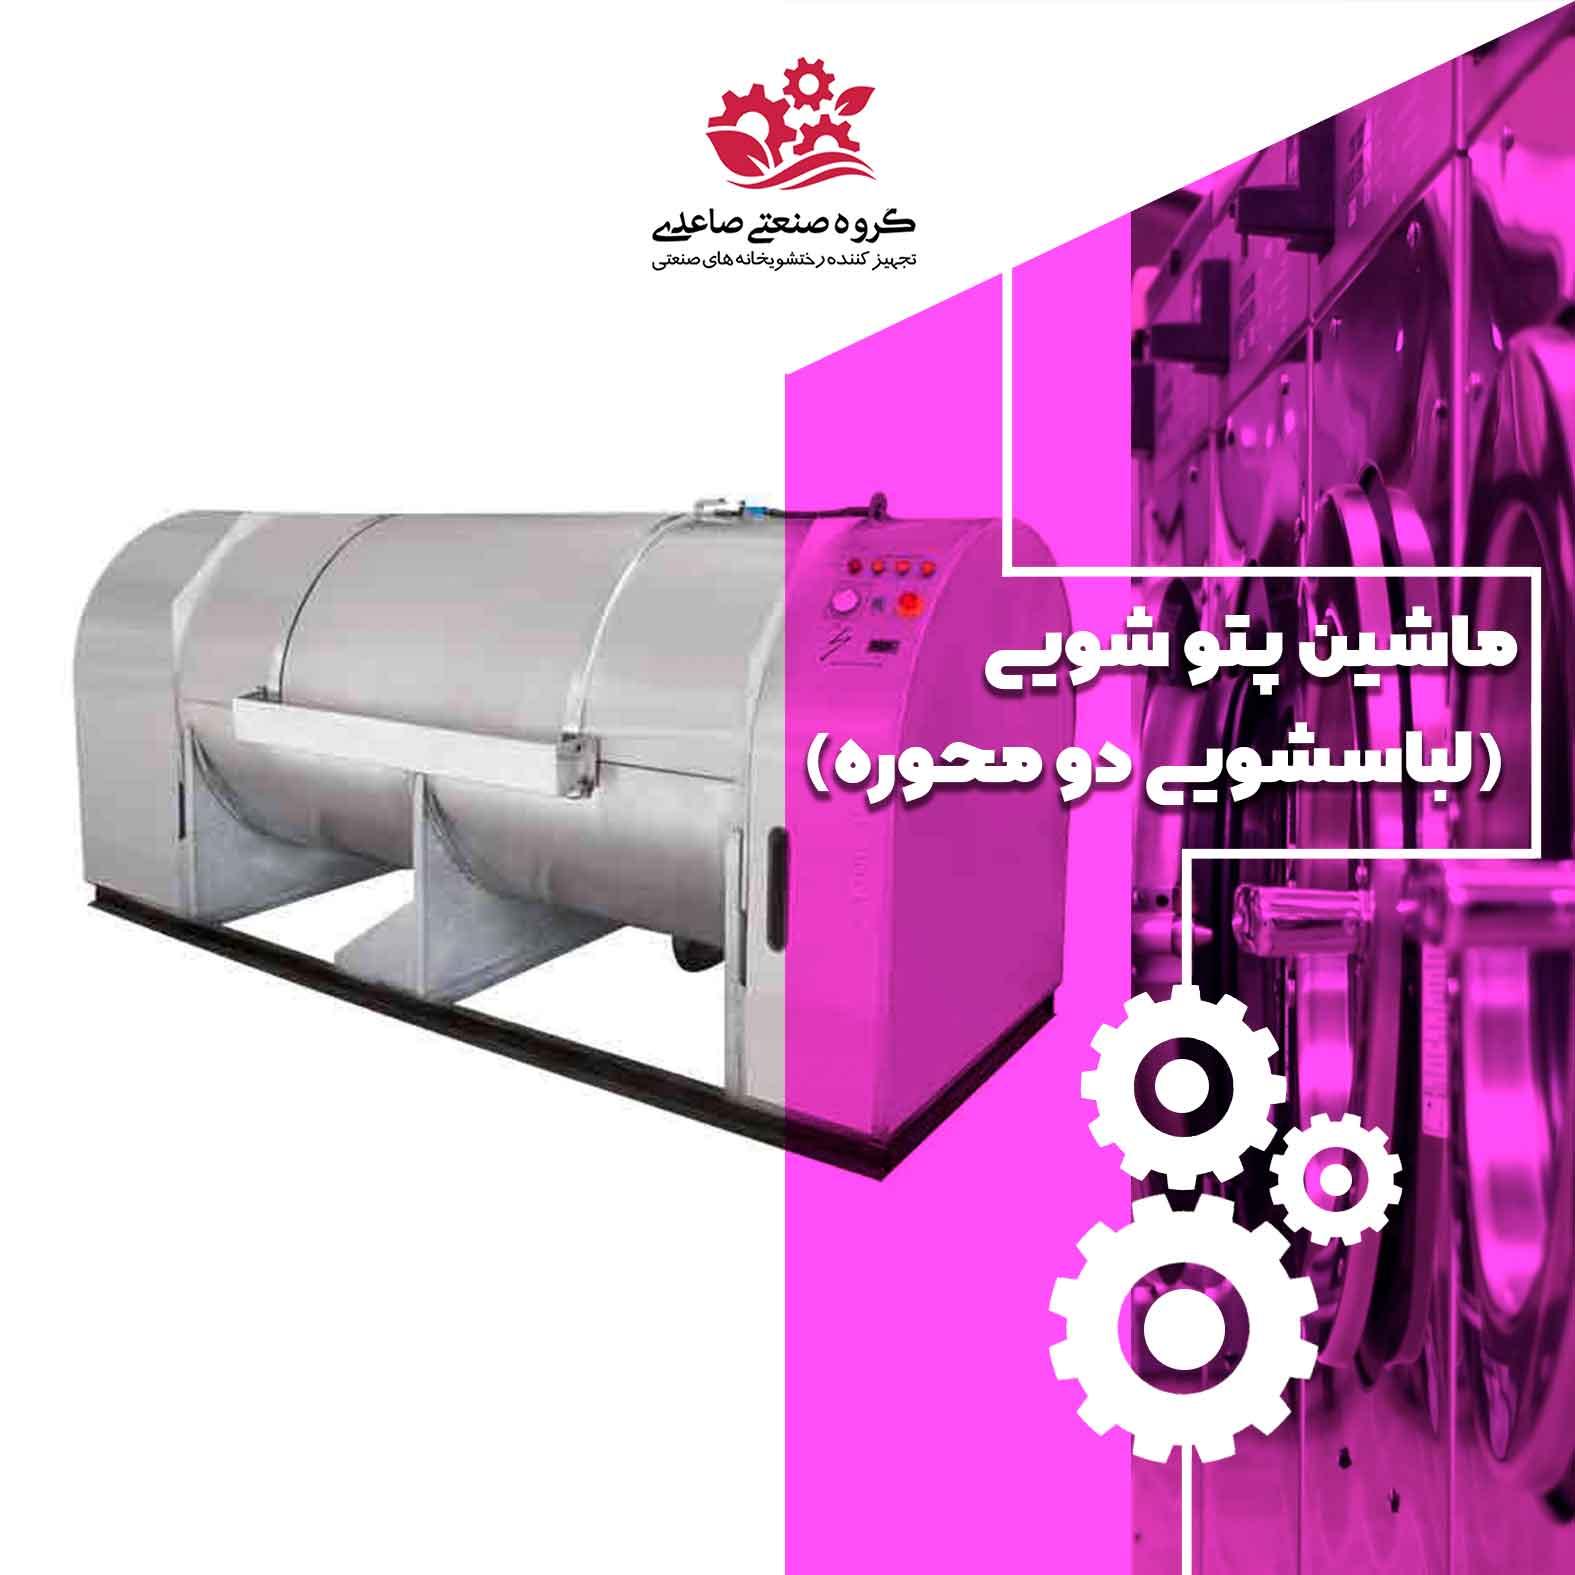 ماشین پتو شویی صنعتی (لباسشویی دو محوره)